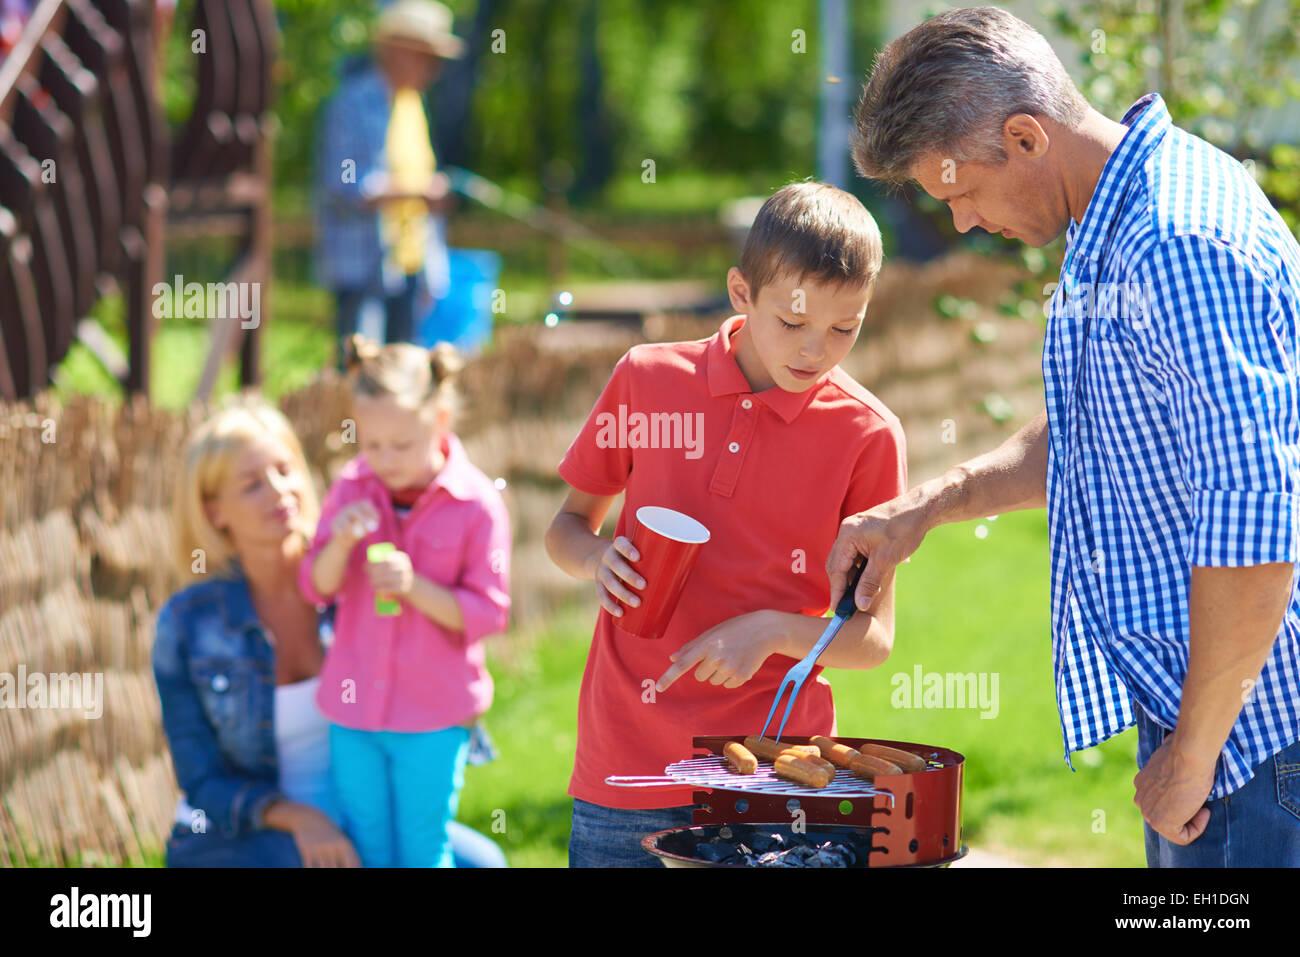 Vater und Sohn Braten Würstchen bei ihren Treffen mit Familie Stockbild